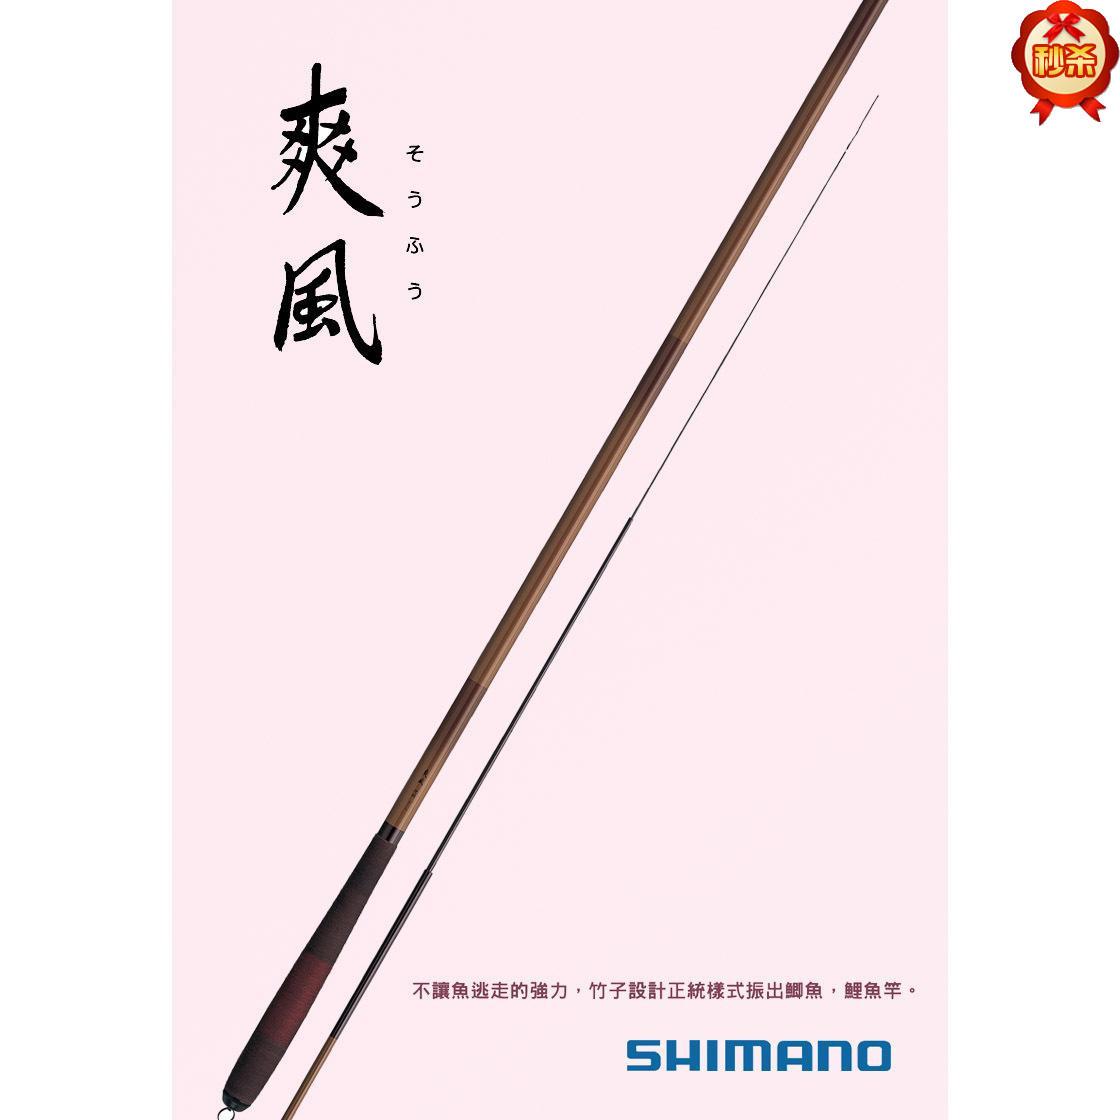 удочка SHIMANO 6.3 SHIMANO / Shimano Китай